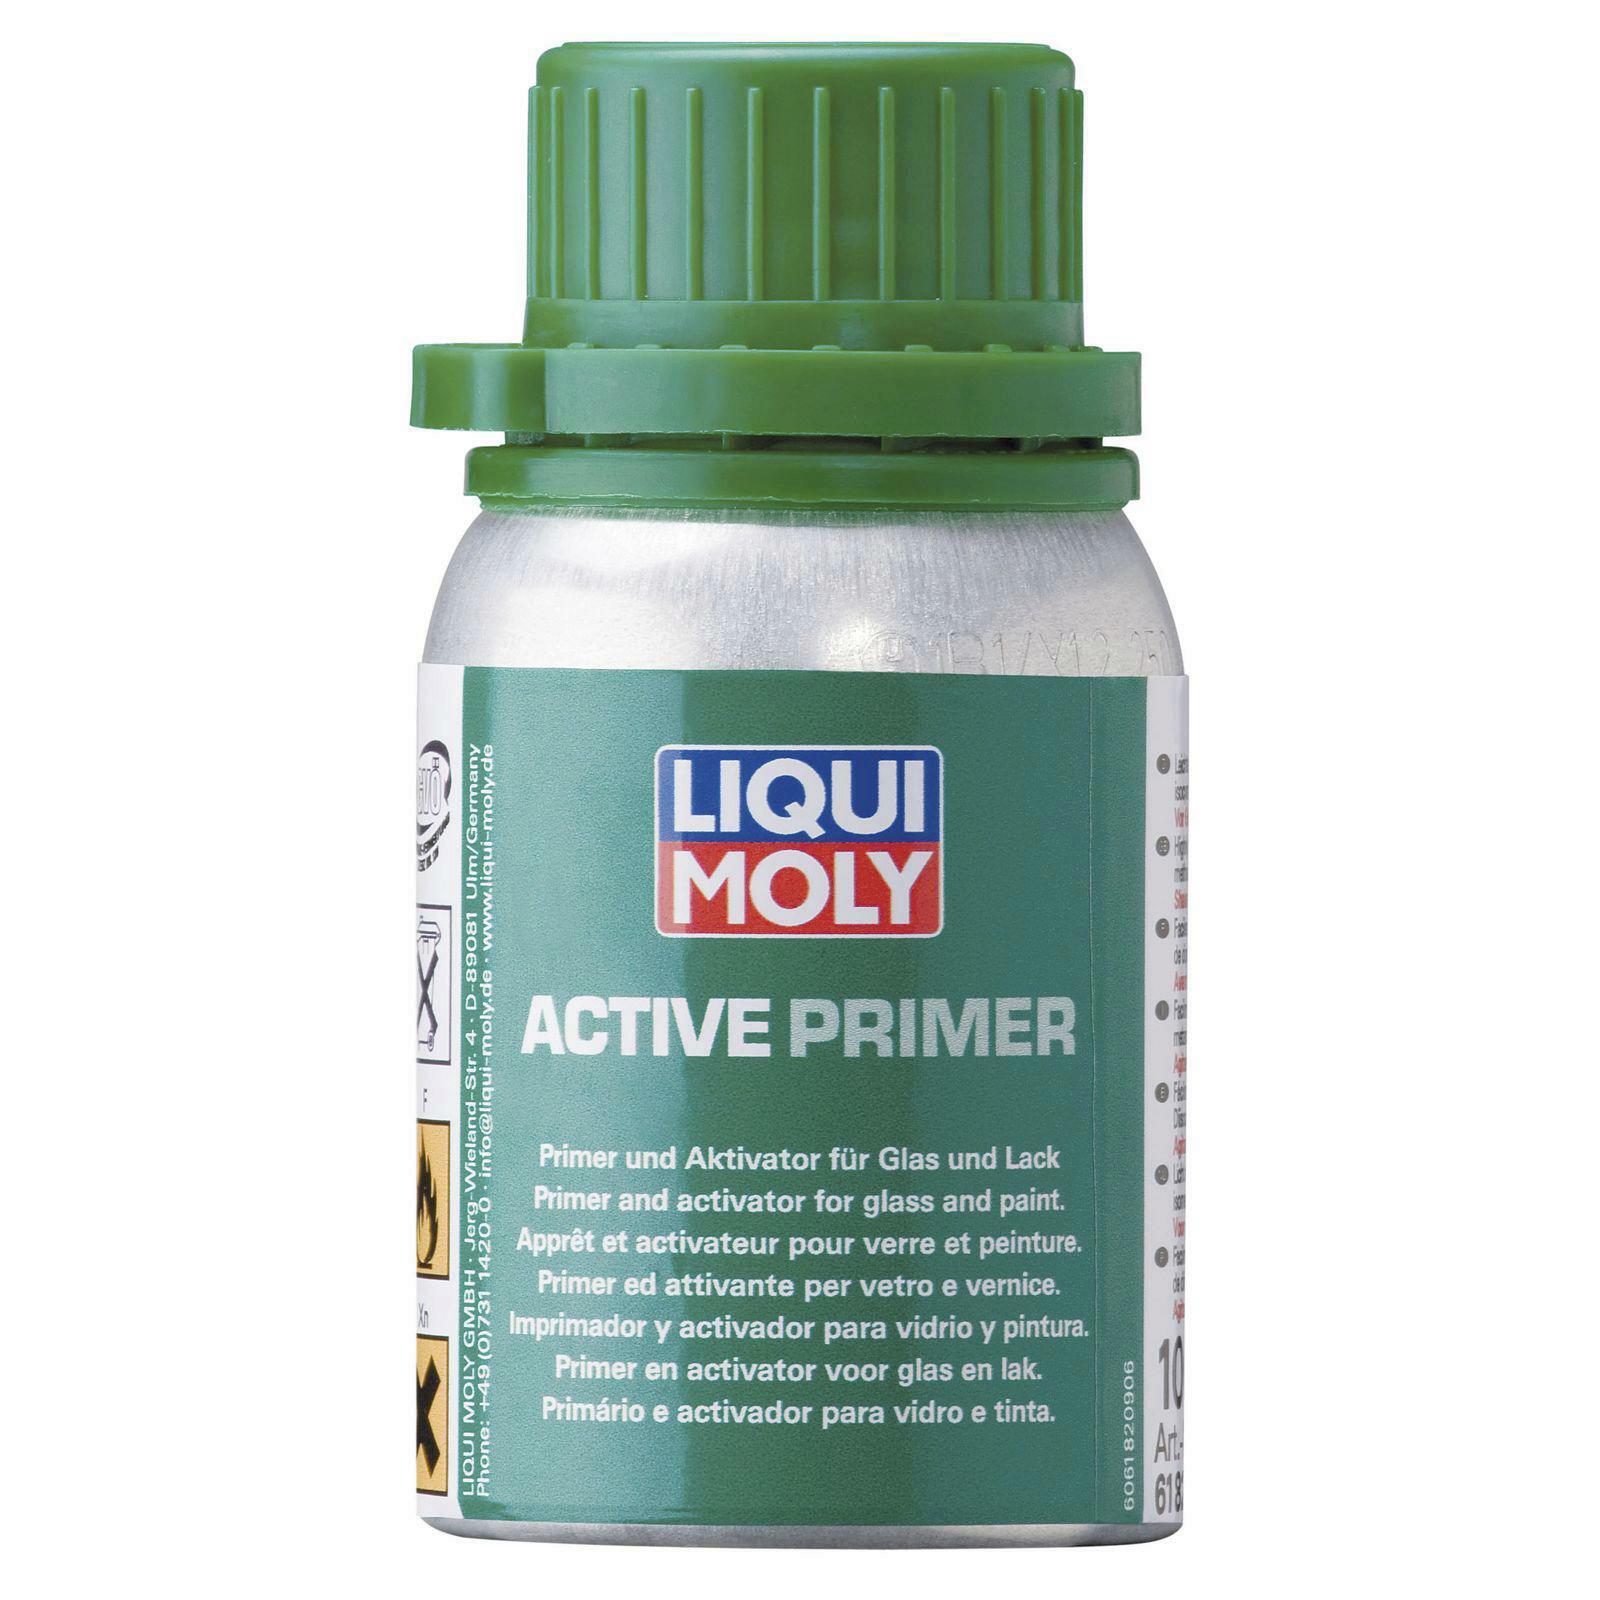 Liqui Moly Active Primer 100ml